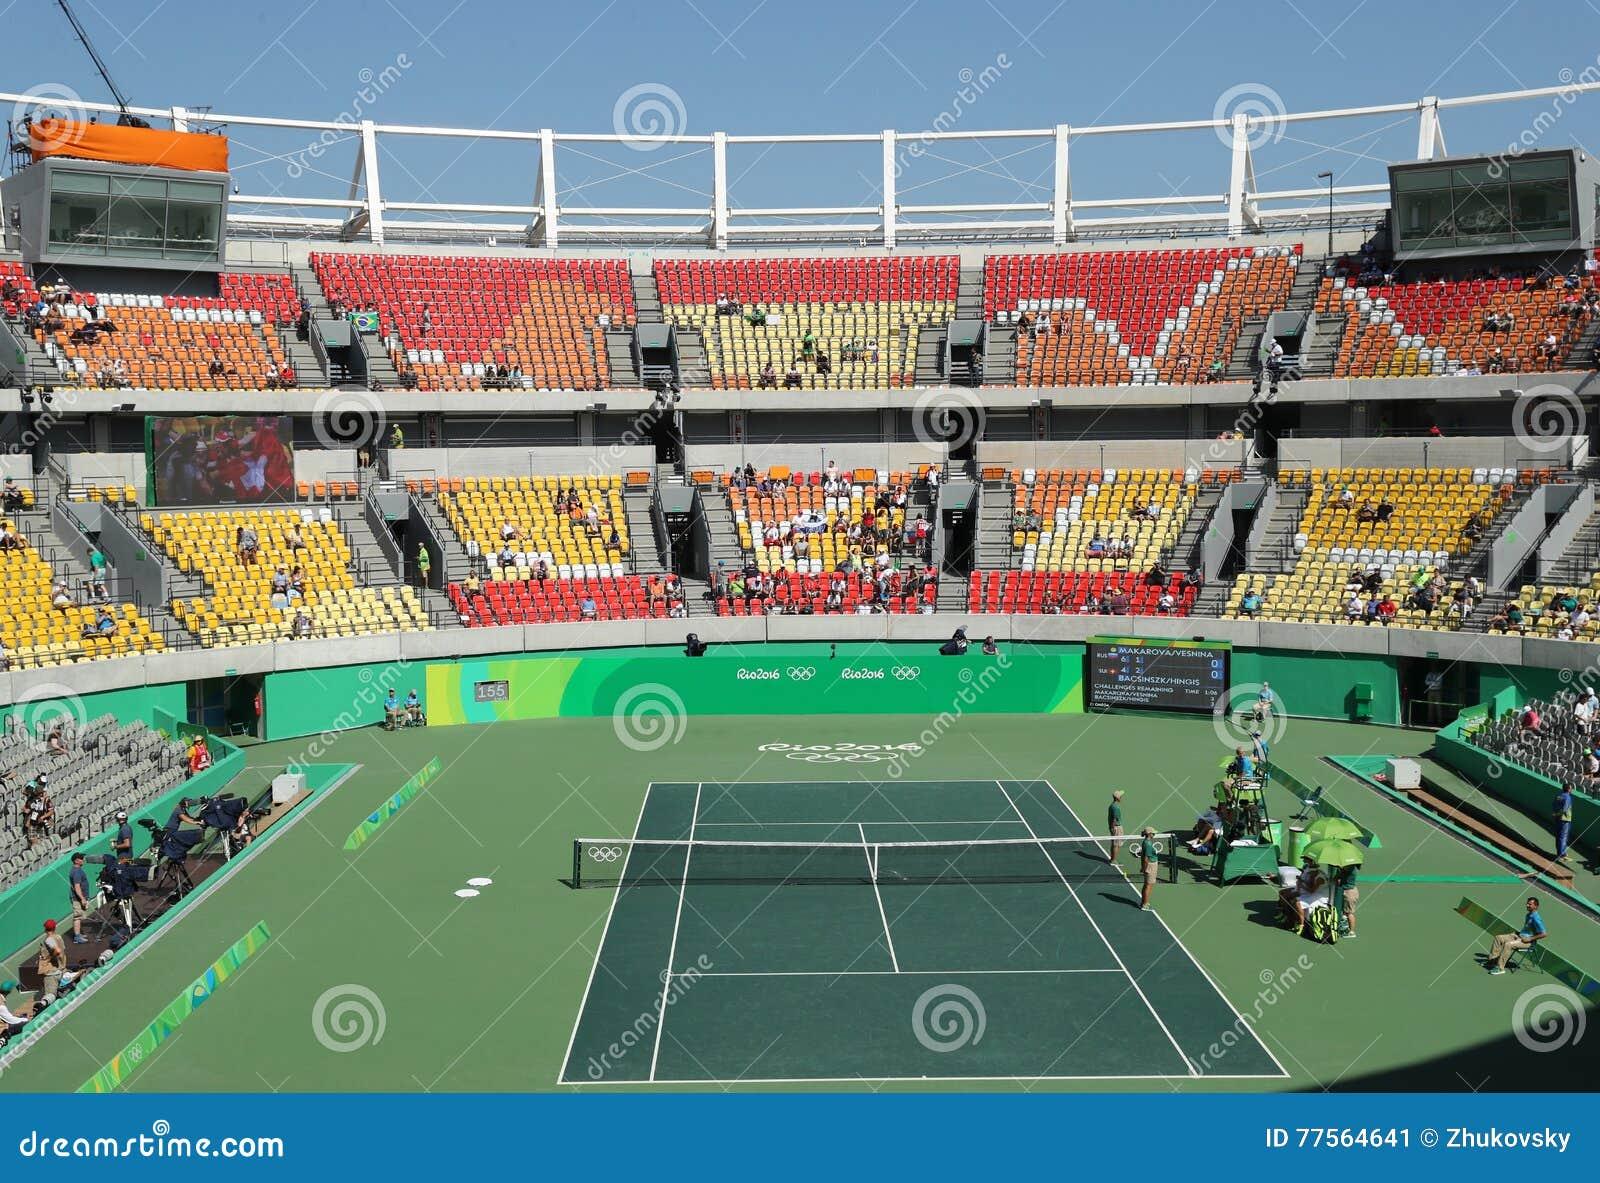 Lugar principal Maria Esther Bueno Court del tenis de la Río 2016 Juegos Olímpicos durante el fina de los dobles de las mujeres